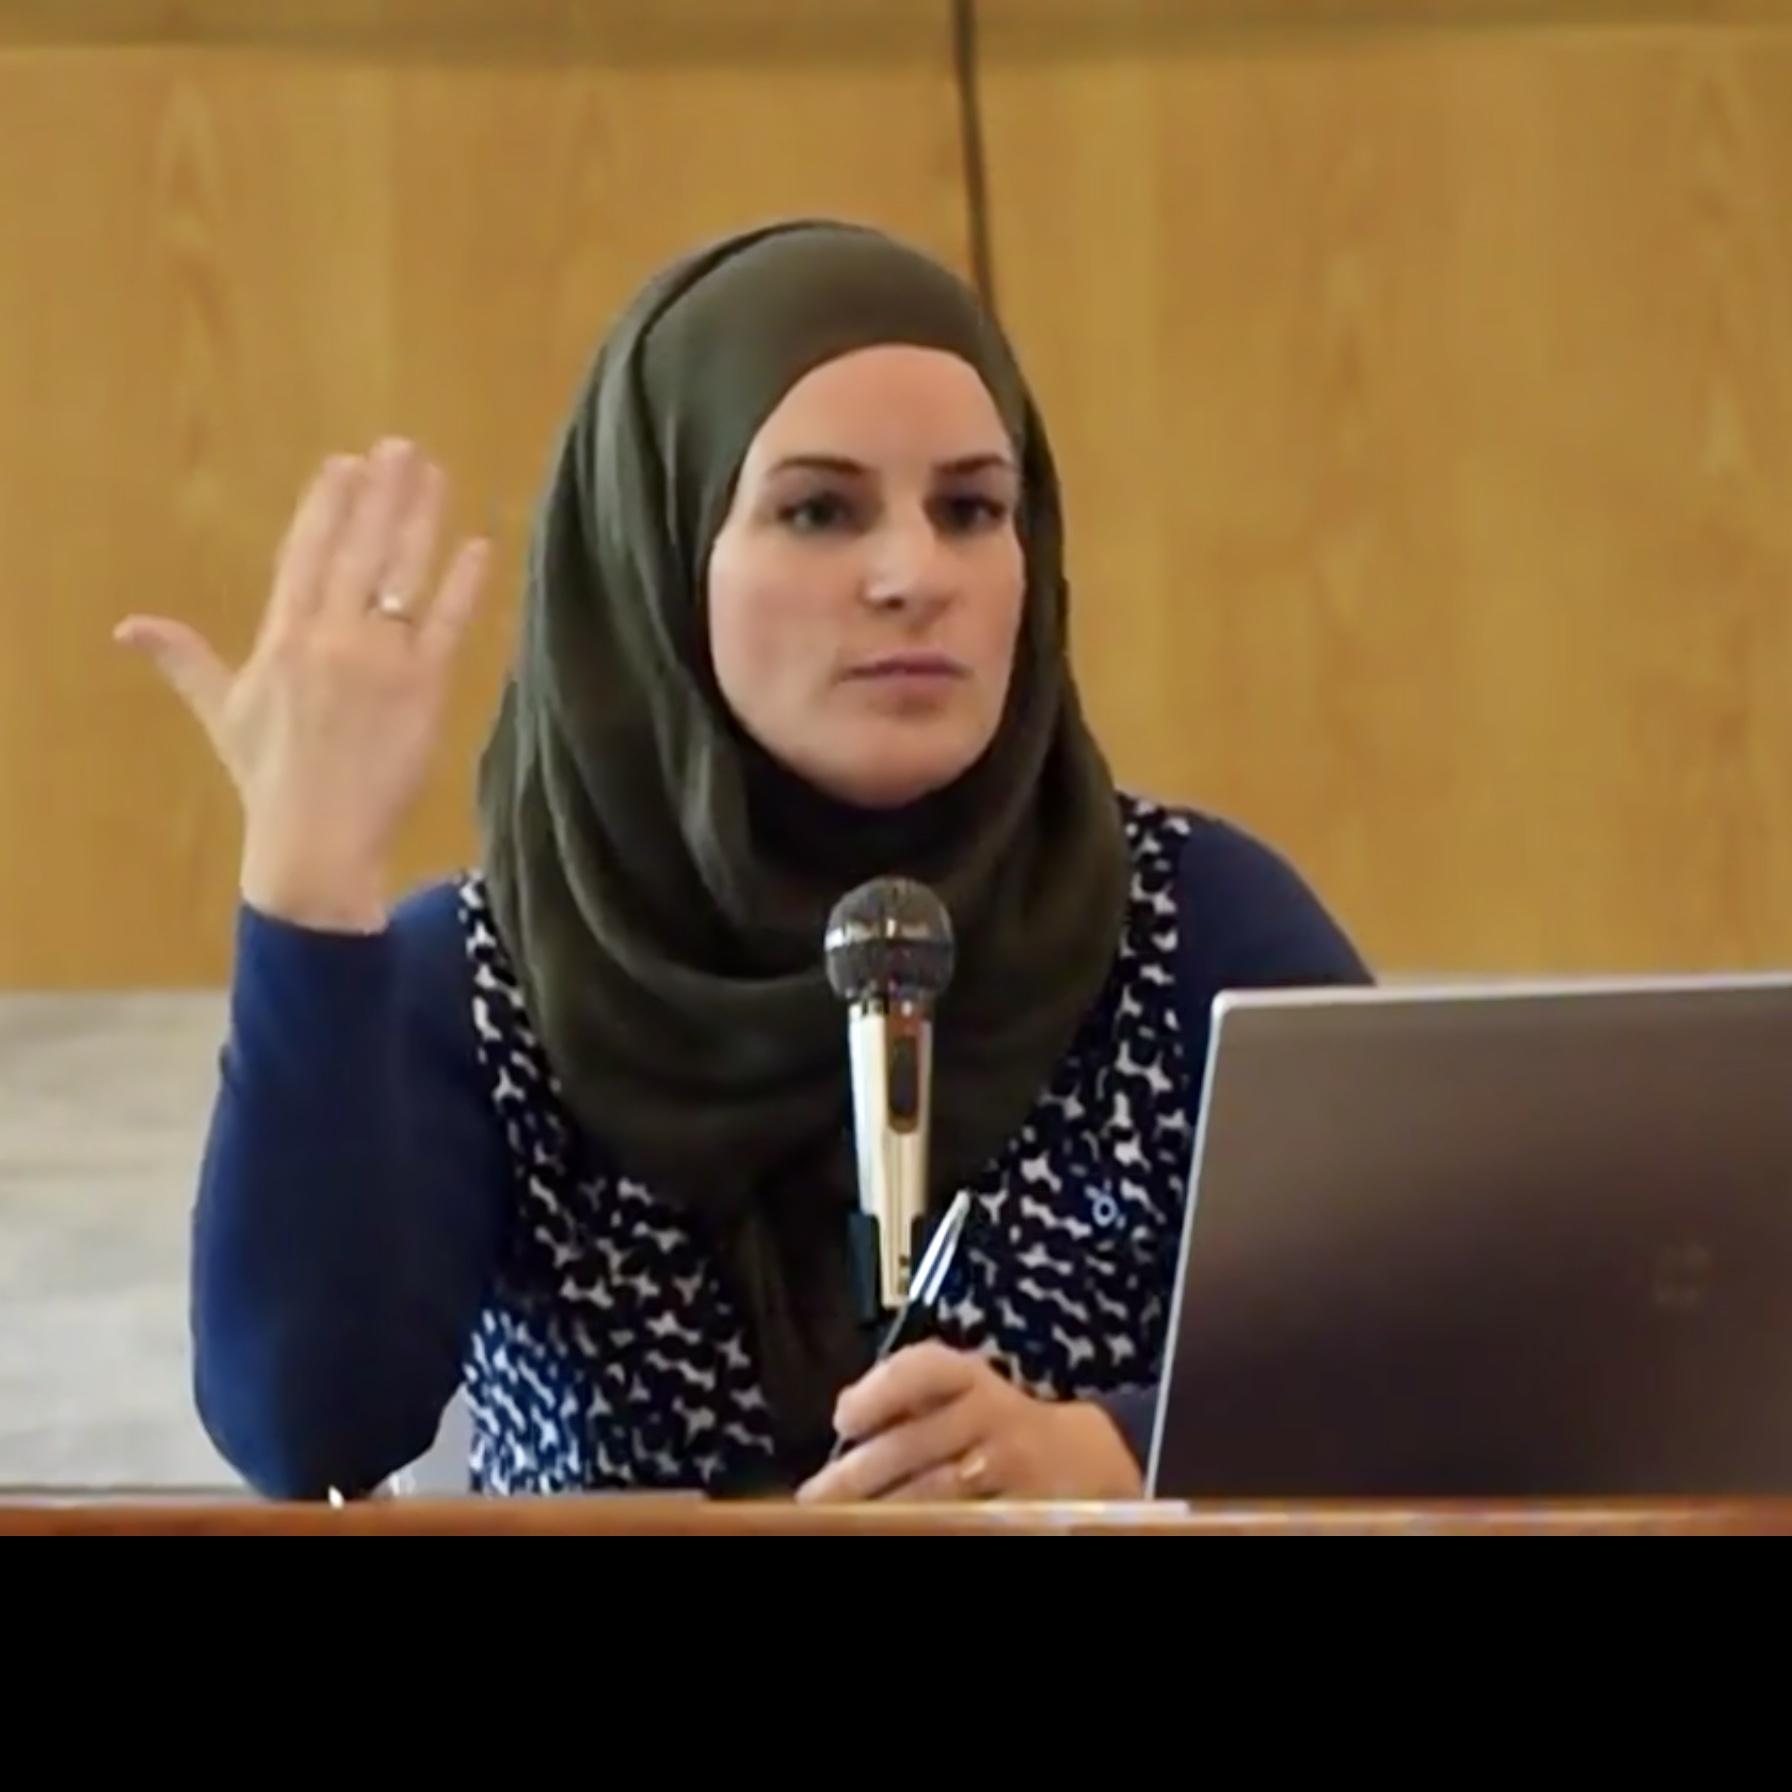 islamitisch-feminisme-online-anne-dijk-2